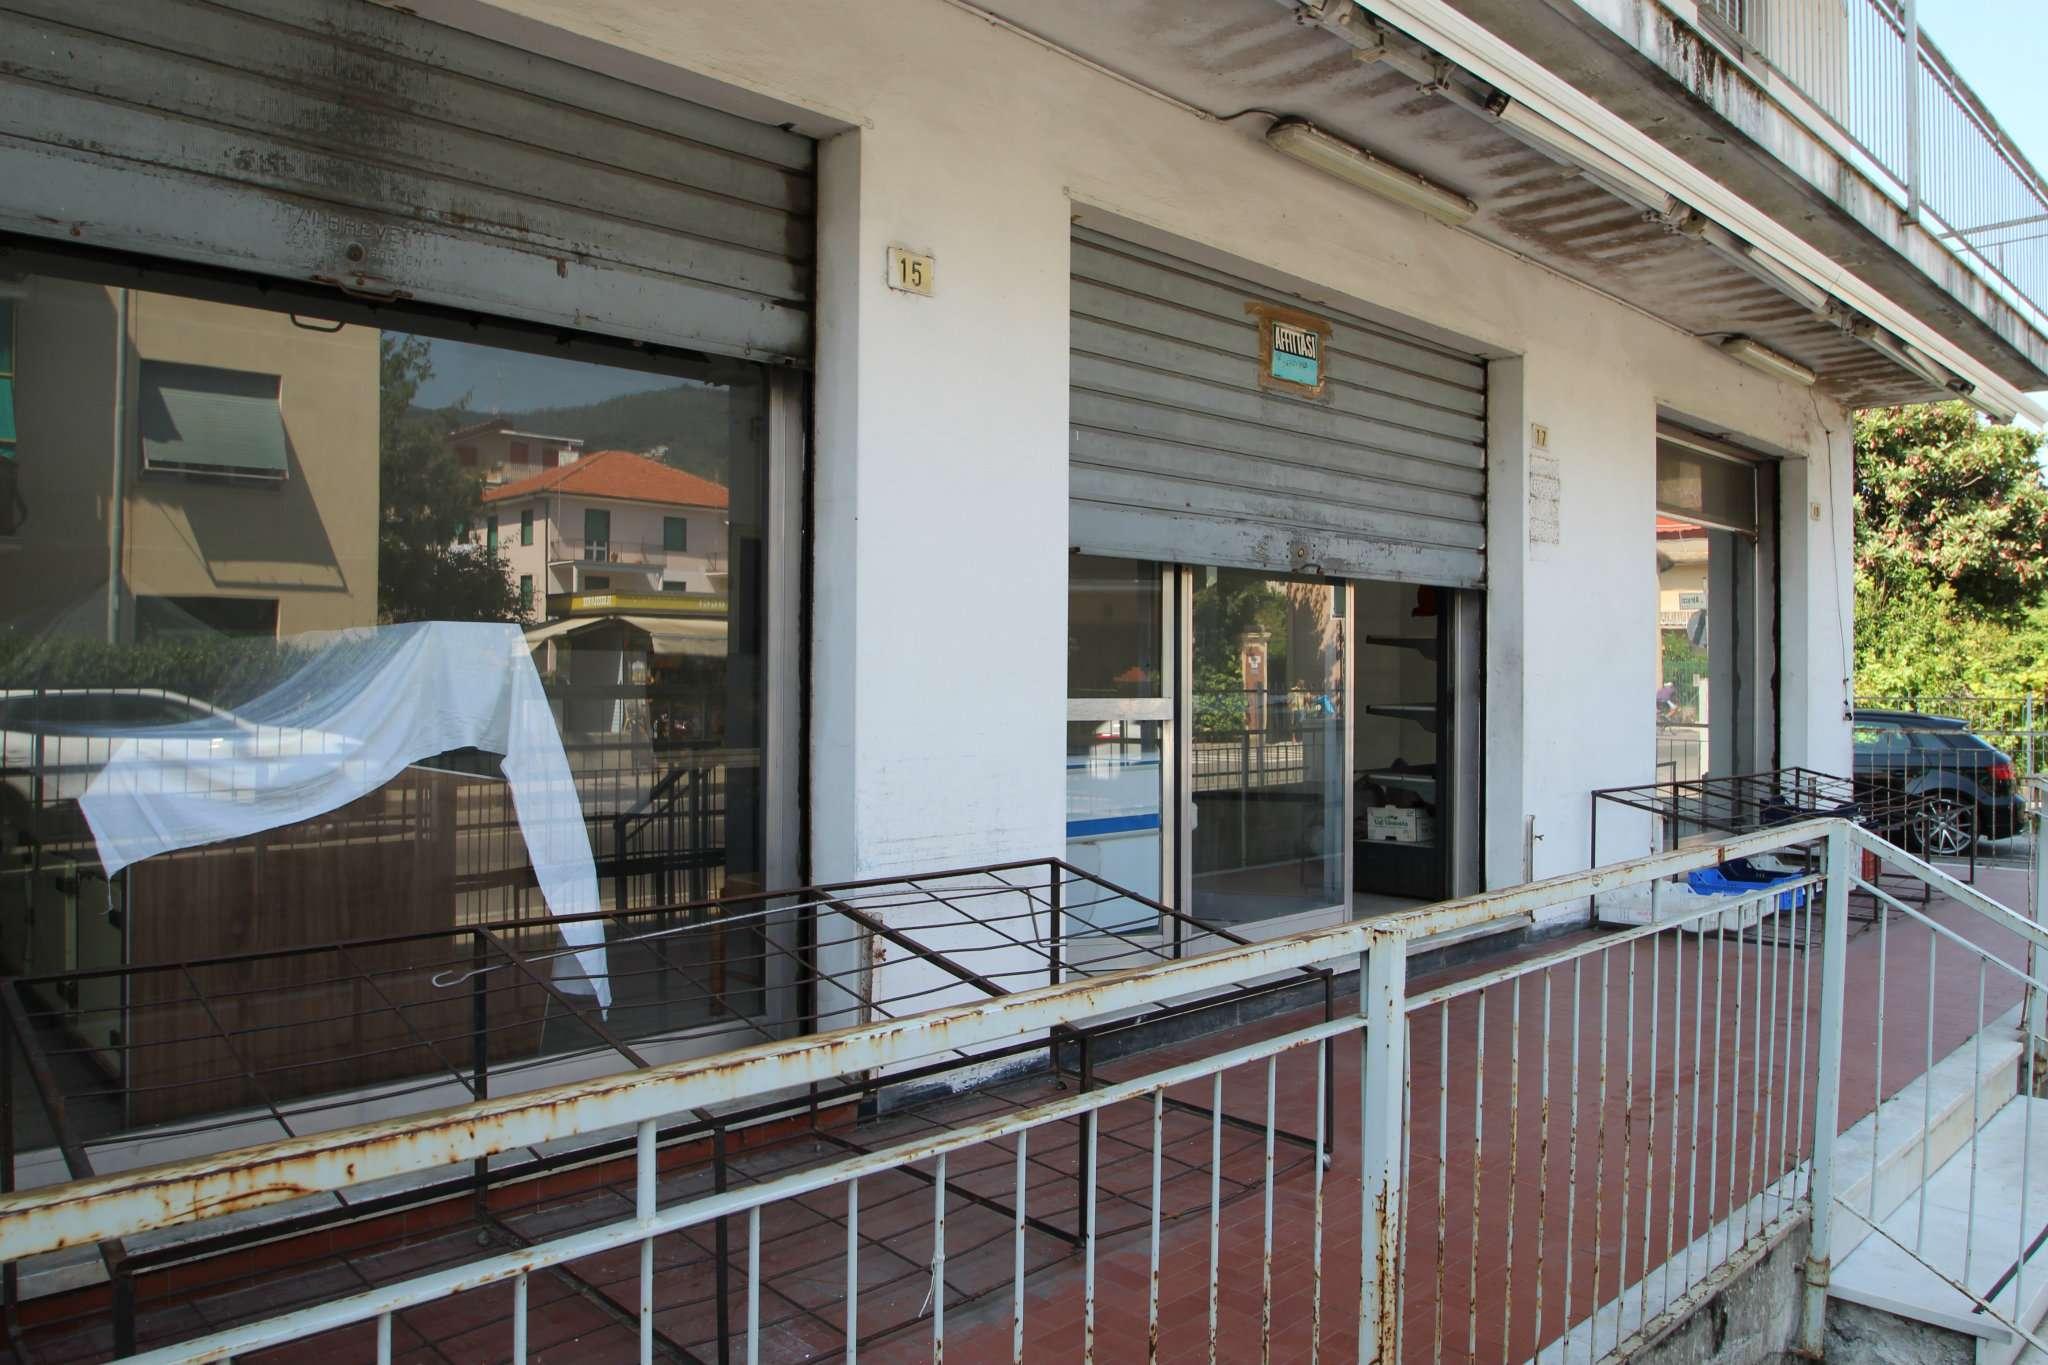 Negozio / Locale in vendita a Sestri Levante, 2 locali, prezzo € 179.000 | PortaleAgenzieImmobiliari.it